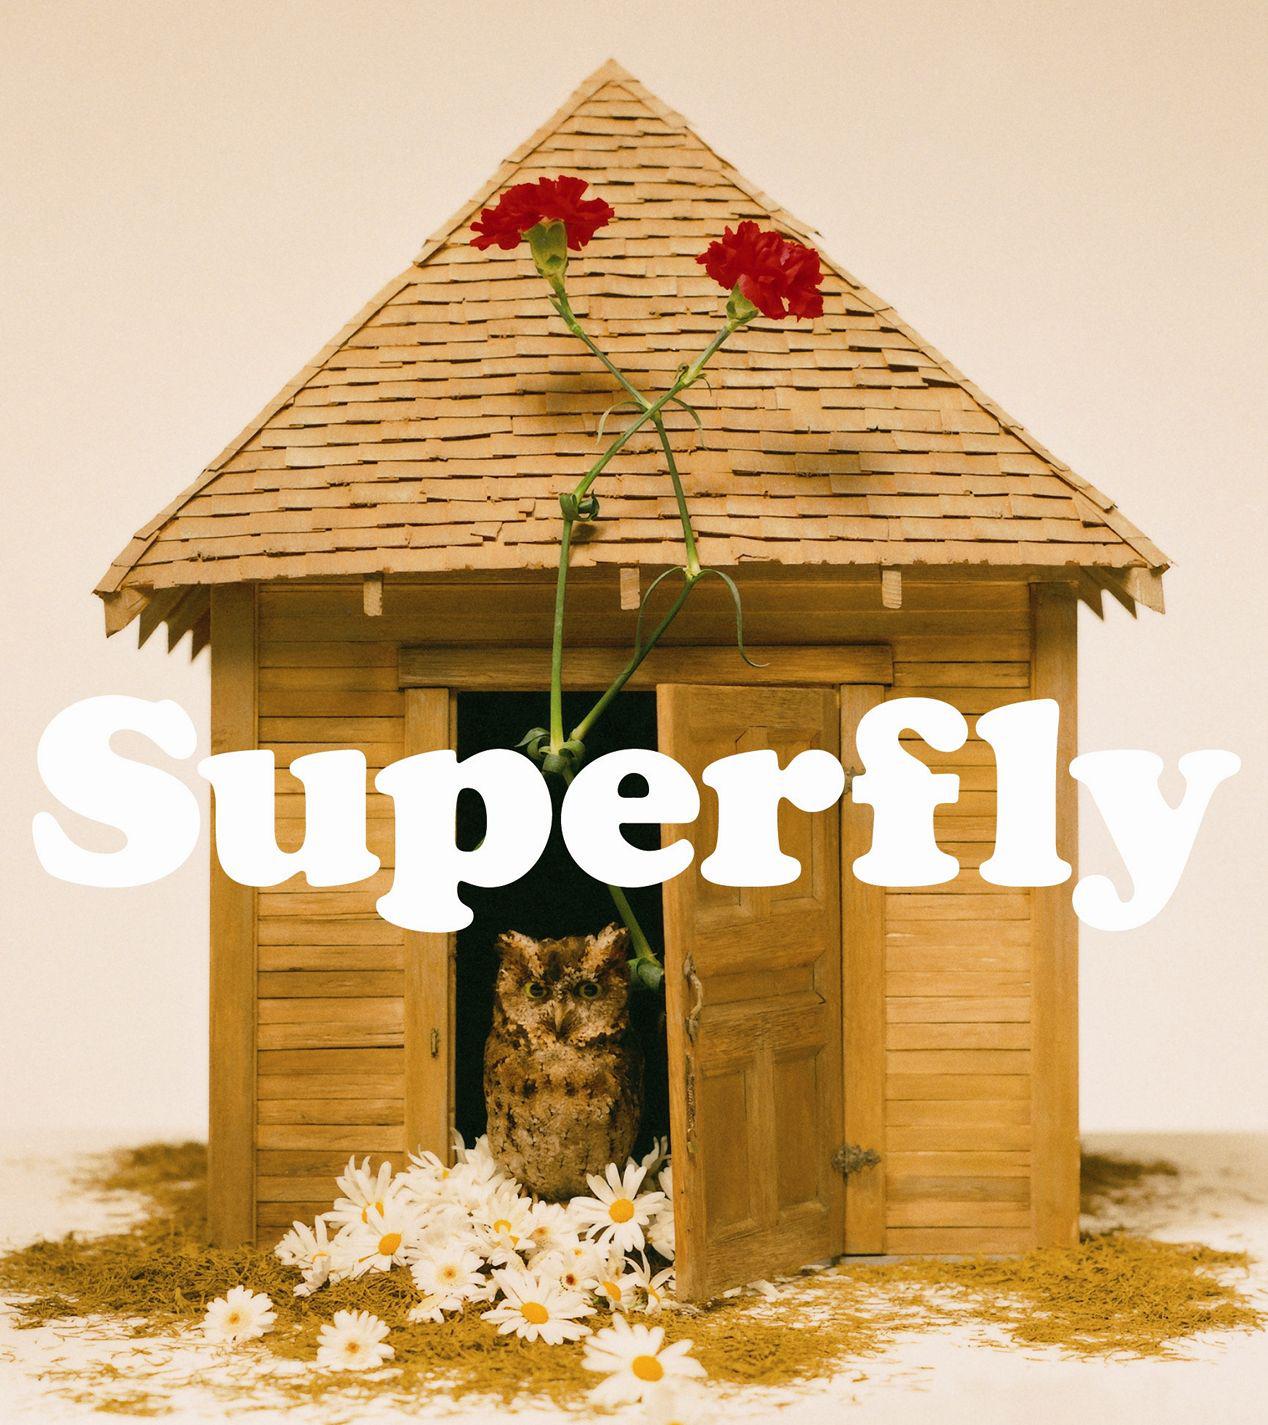 Superfly (スーパーフライ) 1stシングル『ハロー・ハロー』(2007年4月4日発売) 高画質ジャケット画像